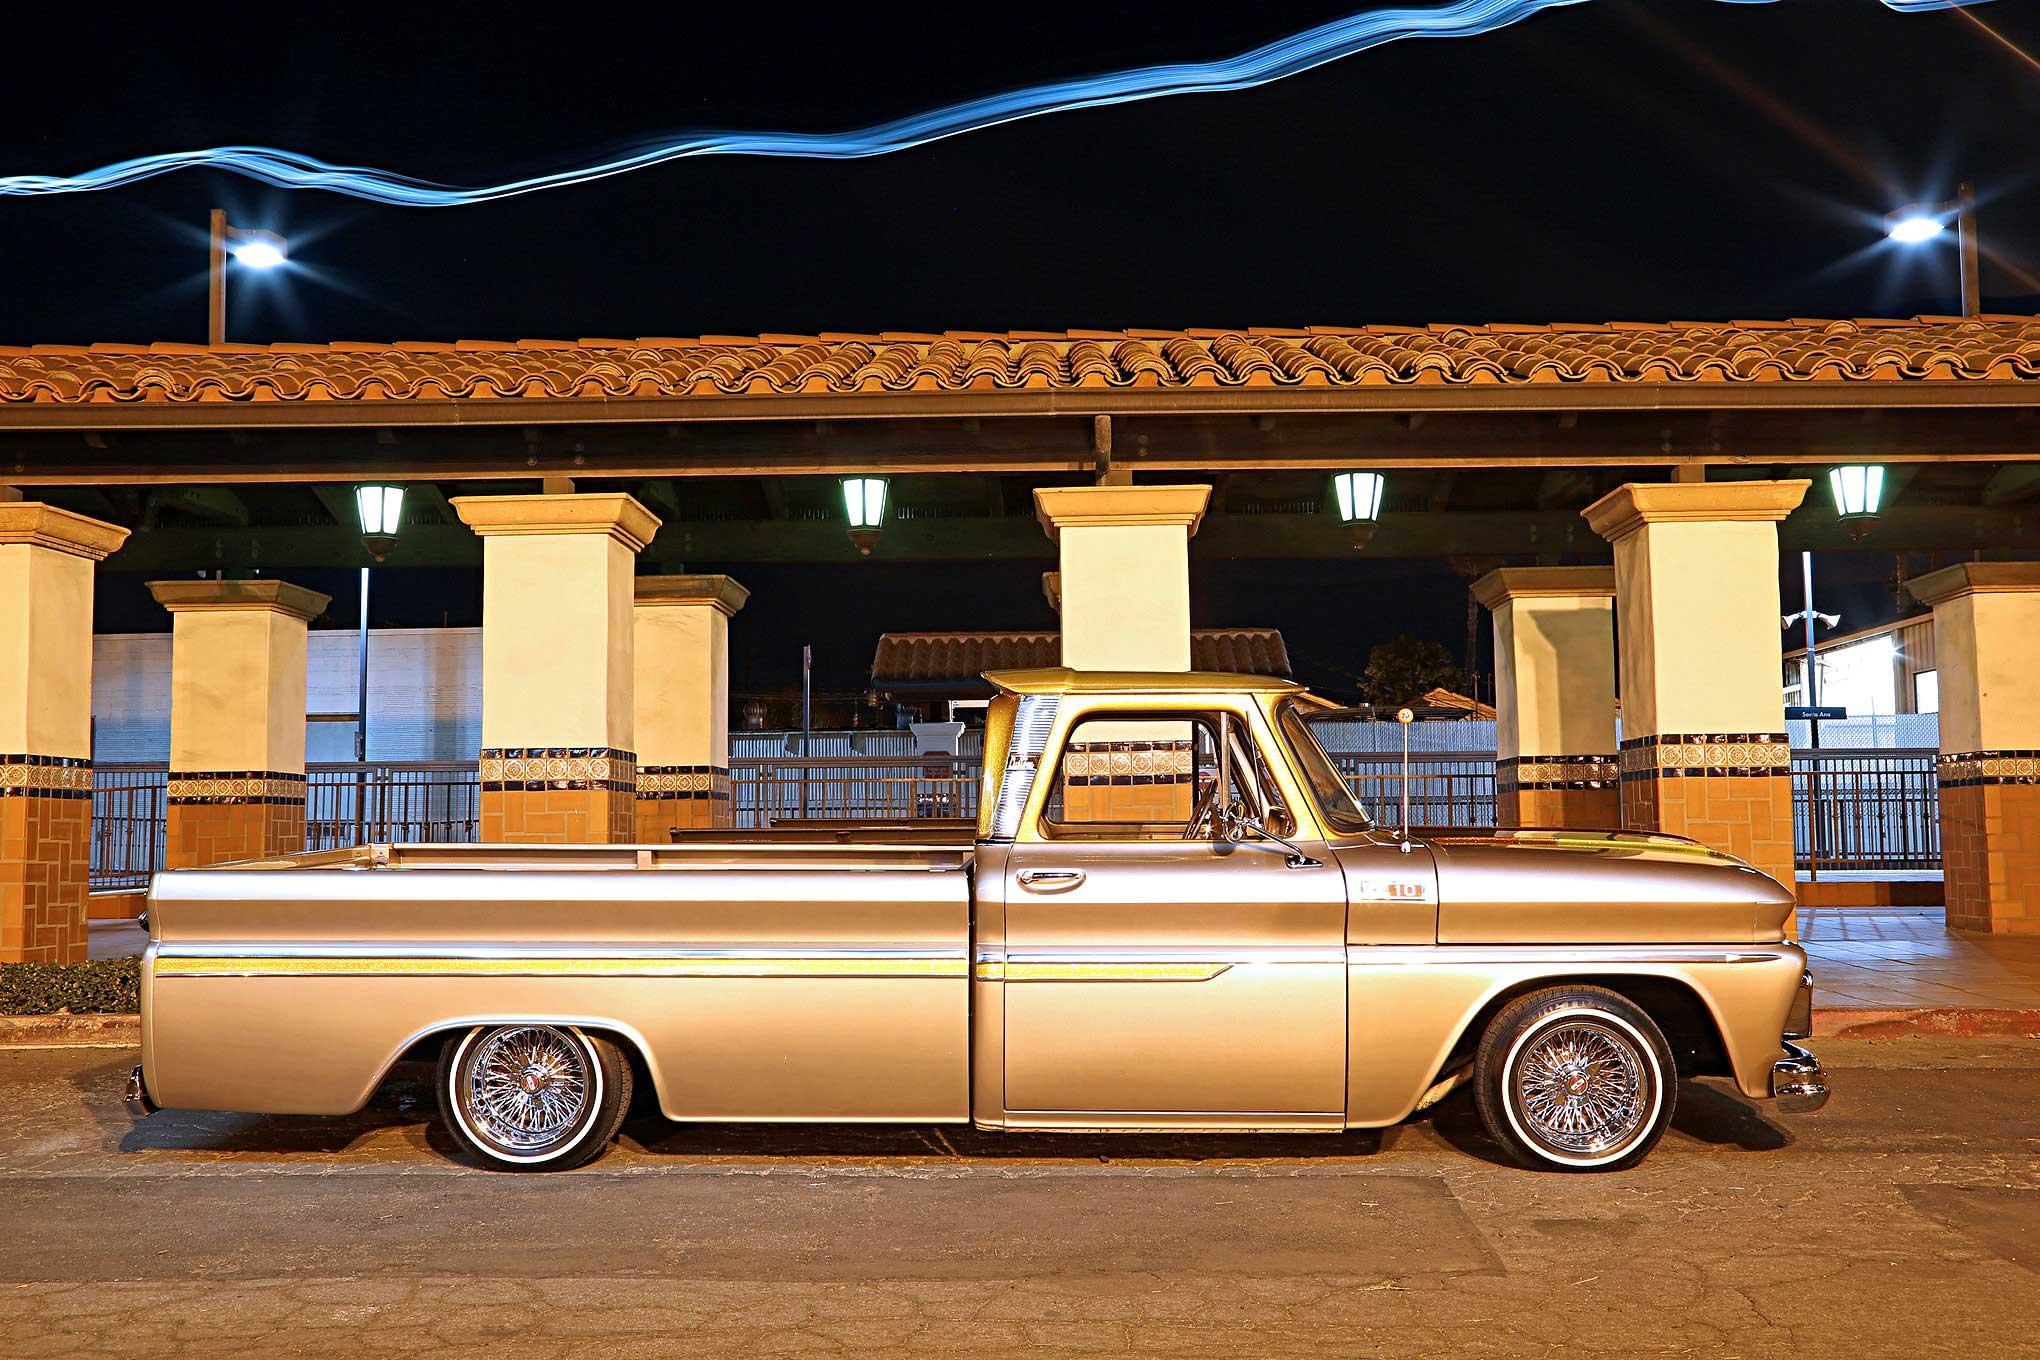 1964 Chevrolet C10 The Transporter